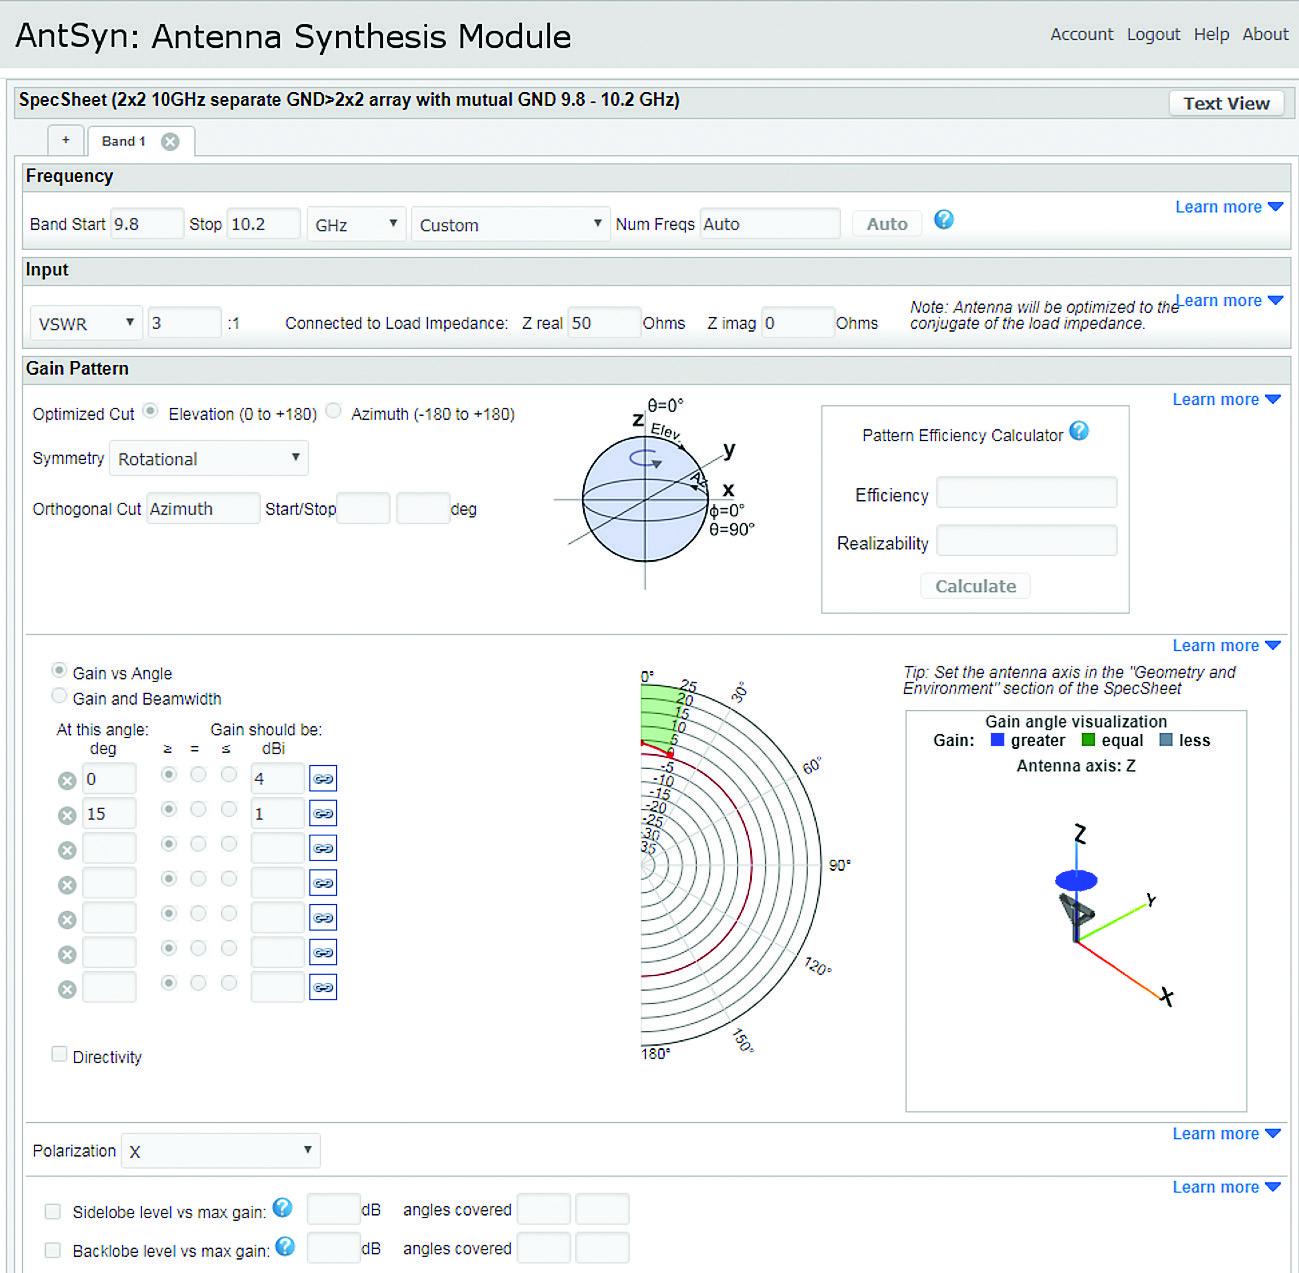 Интерфейс инструмента синтеза антенн AntSyn